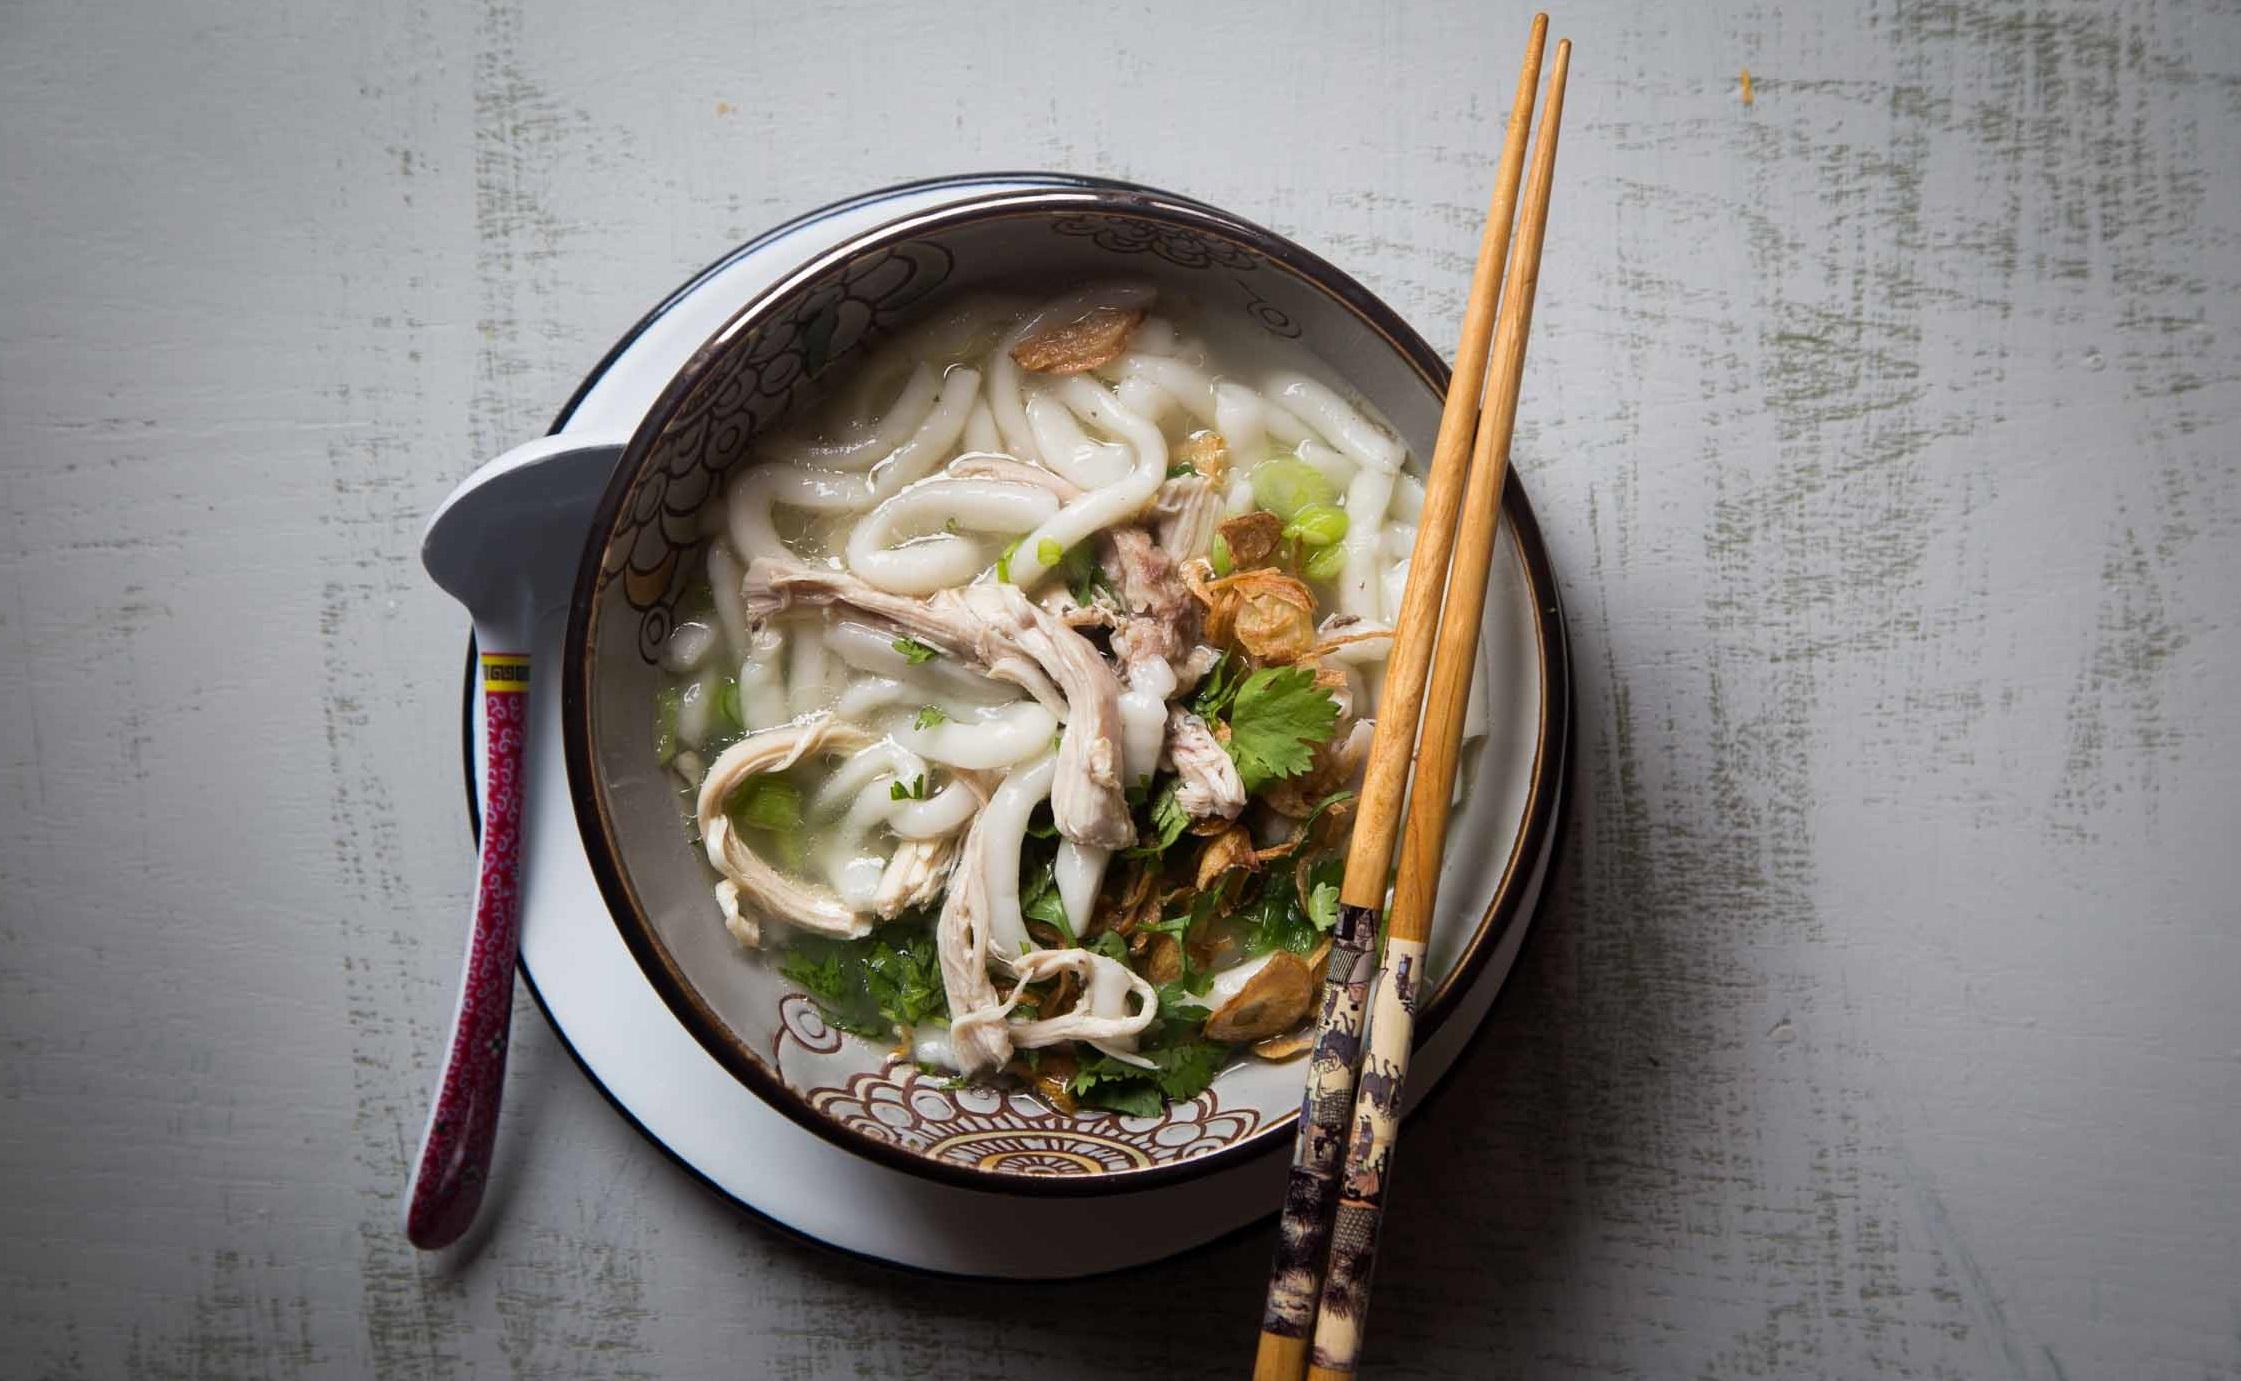 TOP món đặc sản đại diện cho nền ẩm thực Lào khiến bạn nên thử